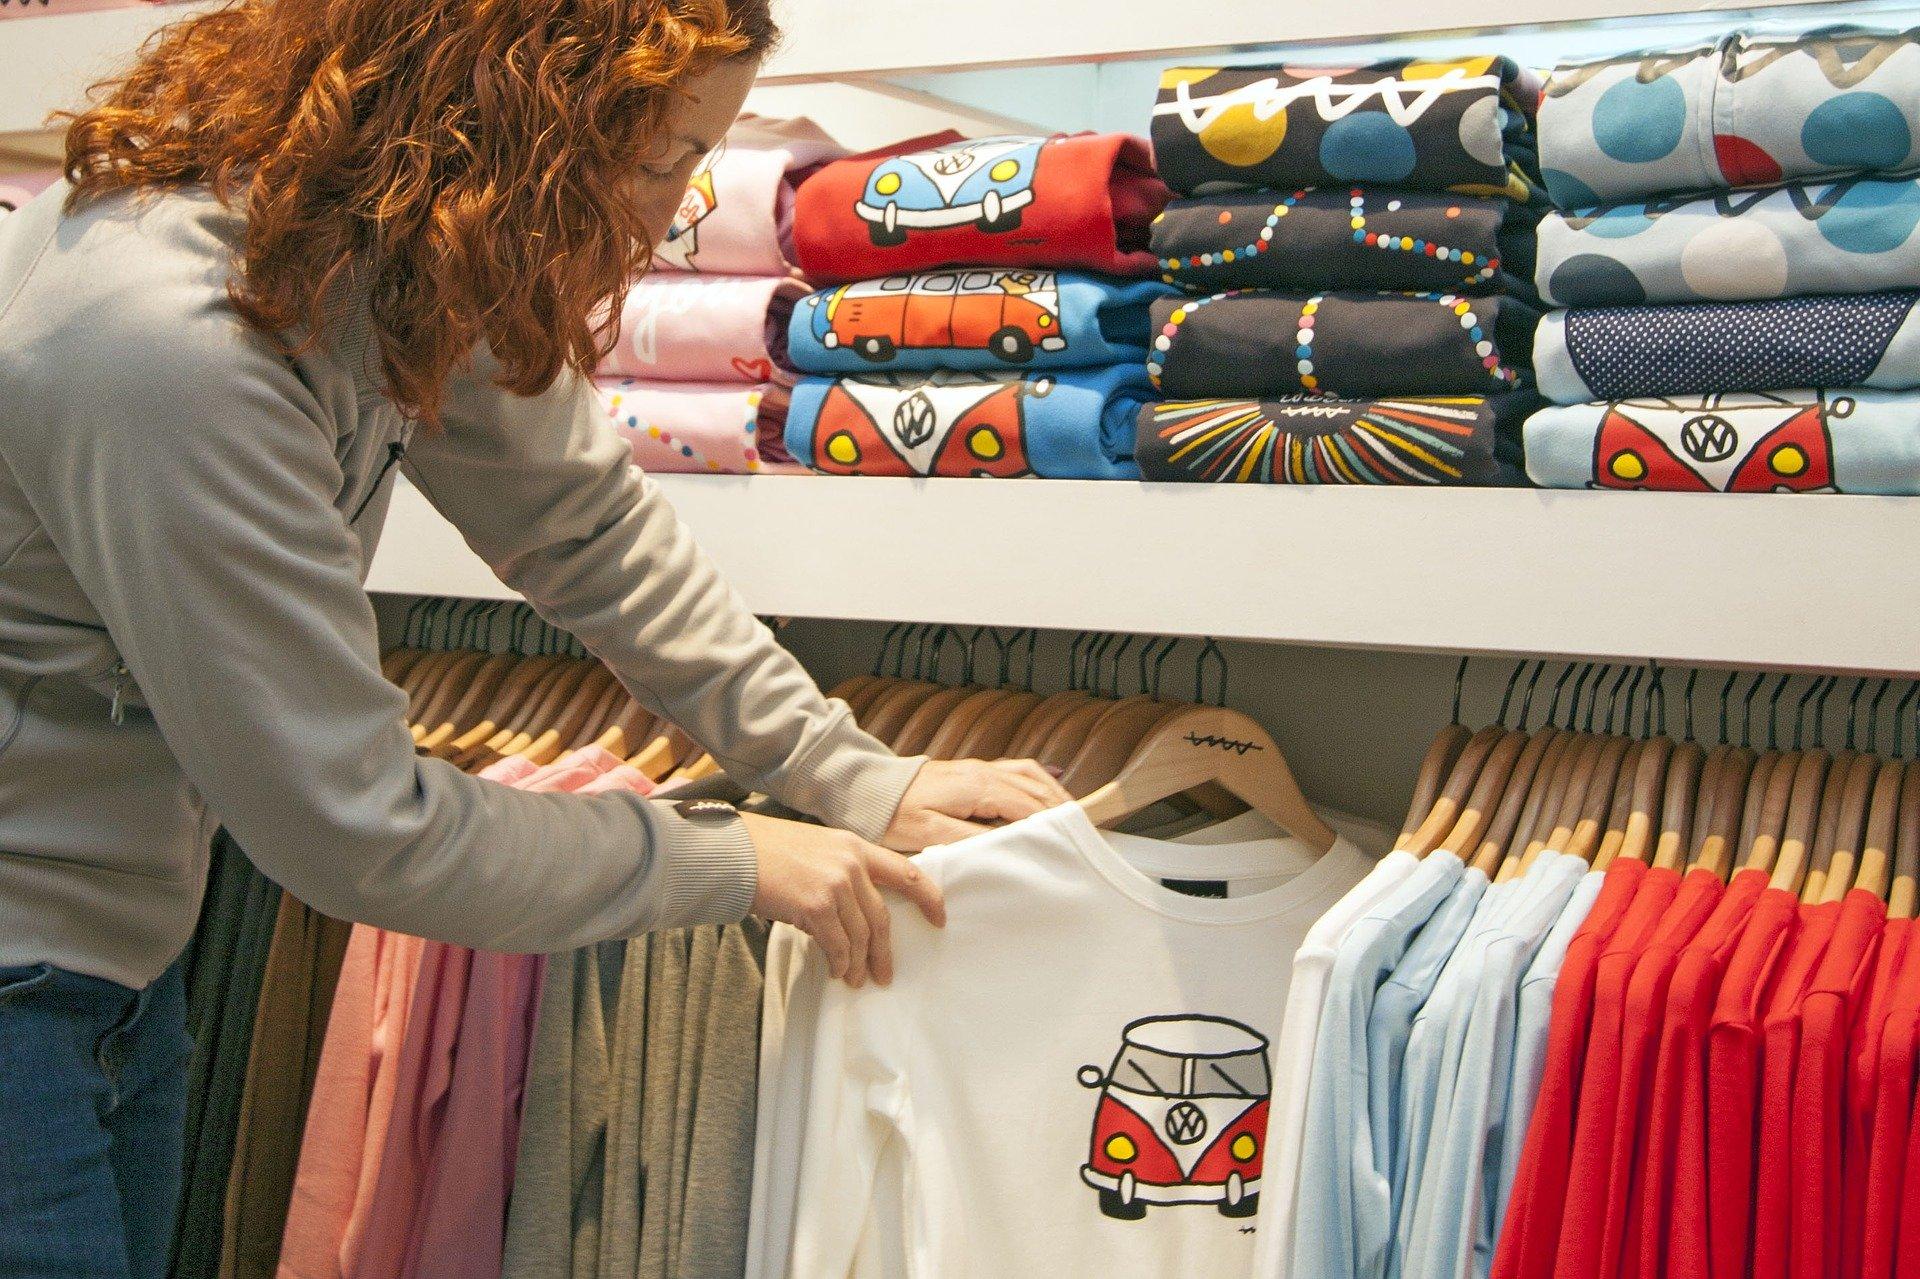 Twój pomysł na indywidualny nadruk na koszulkach